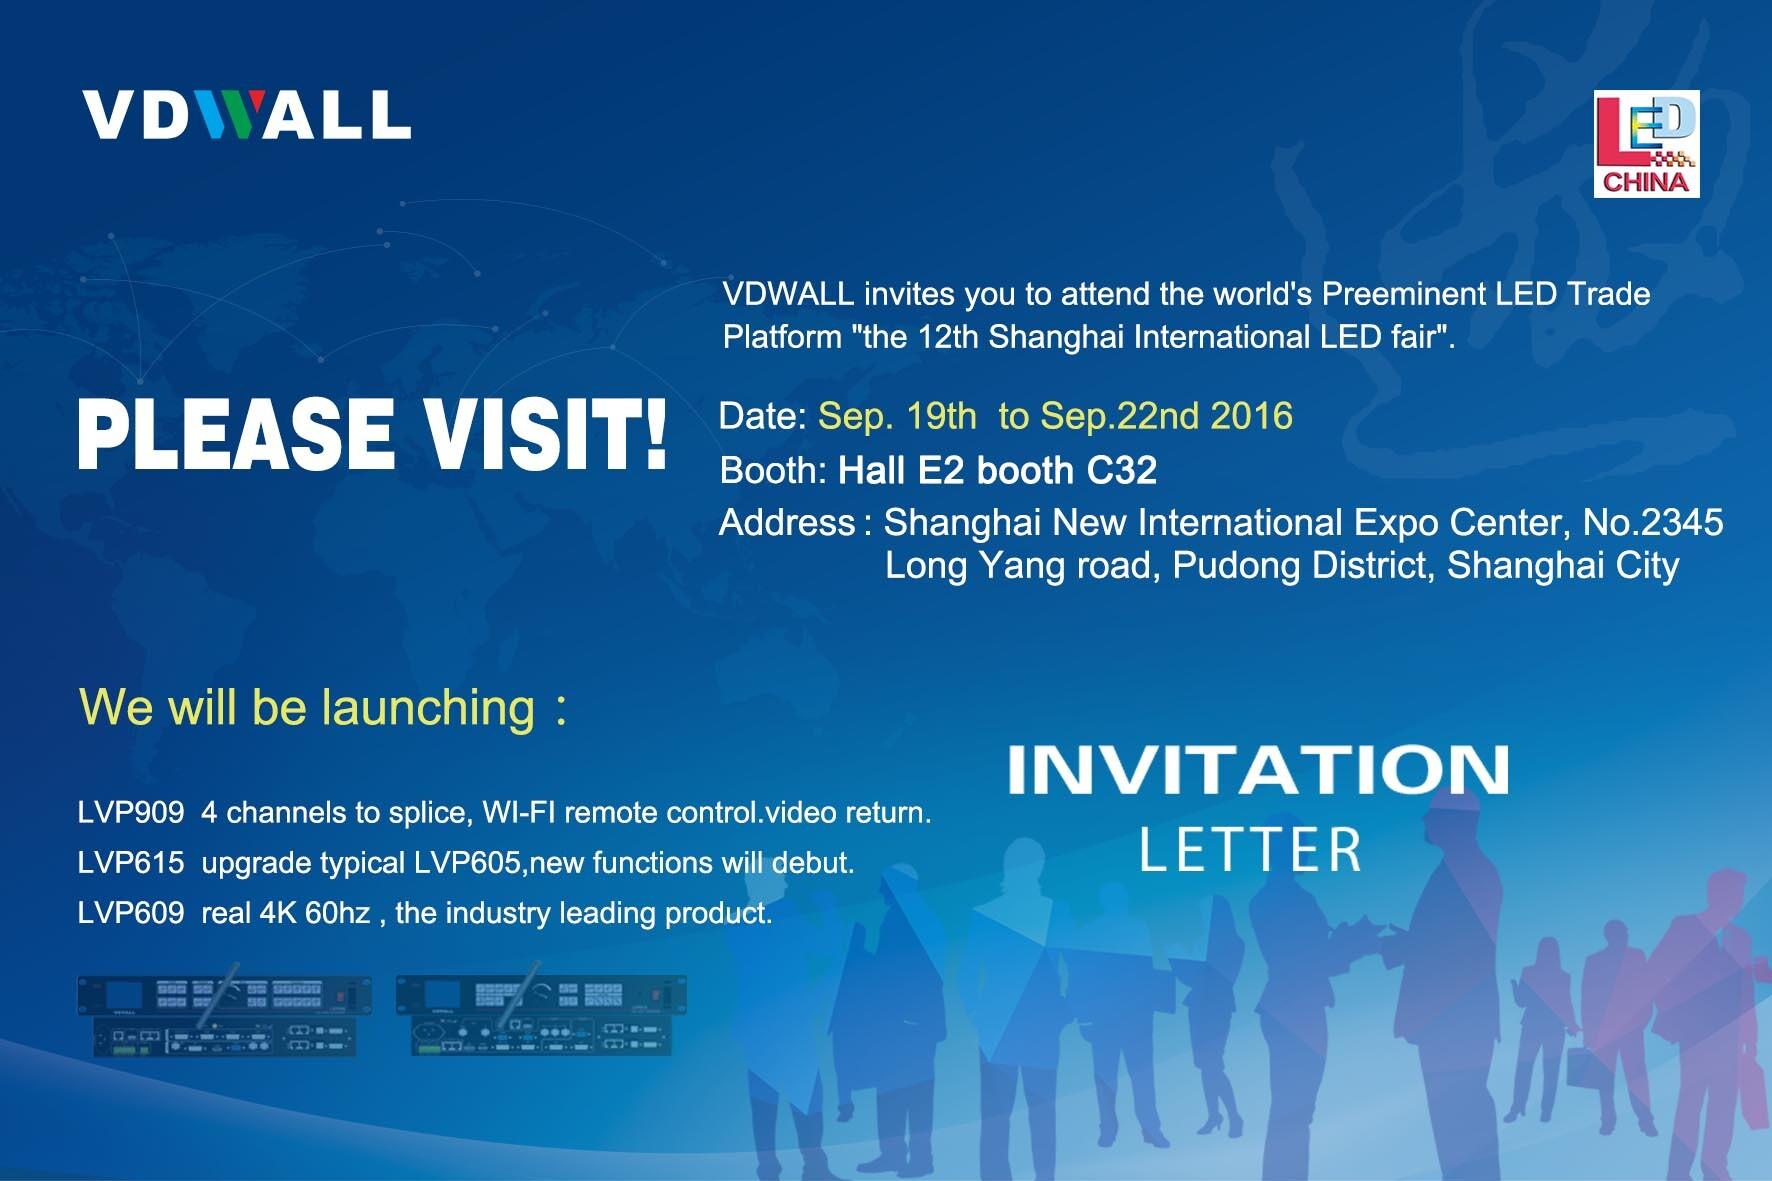 VDWALL will take part in 12th Shanghai International LED fair